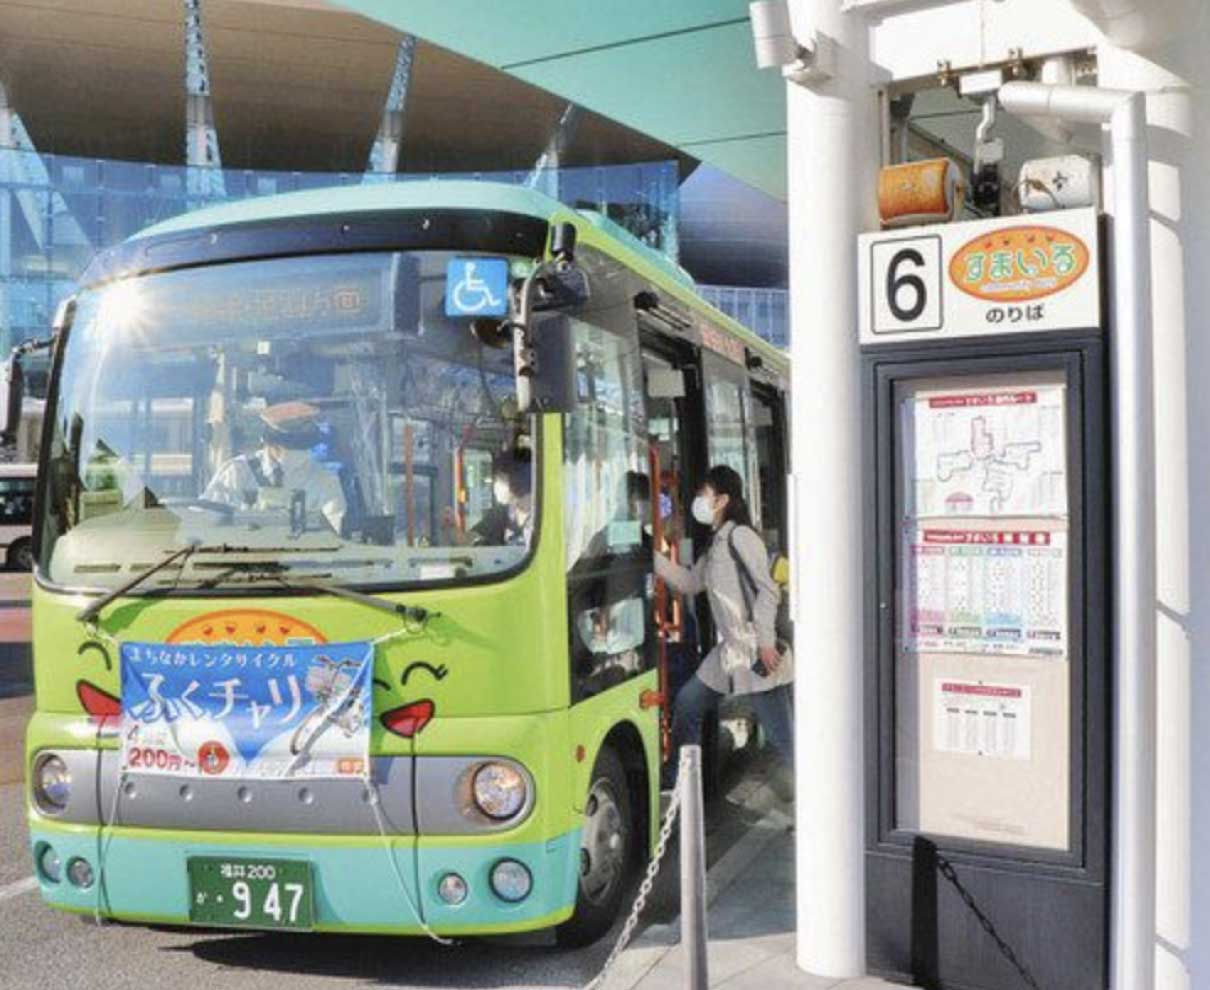 10月から京福バス直営に 福井・コミバス「すまいる」、運賃は維持